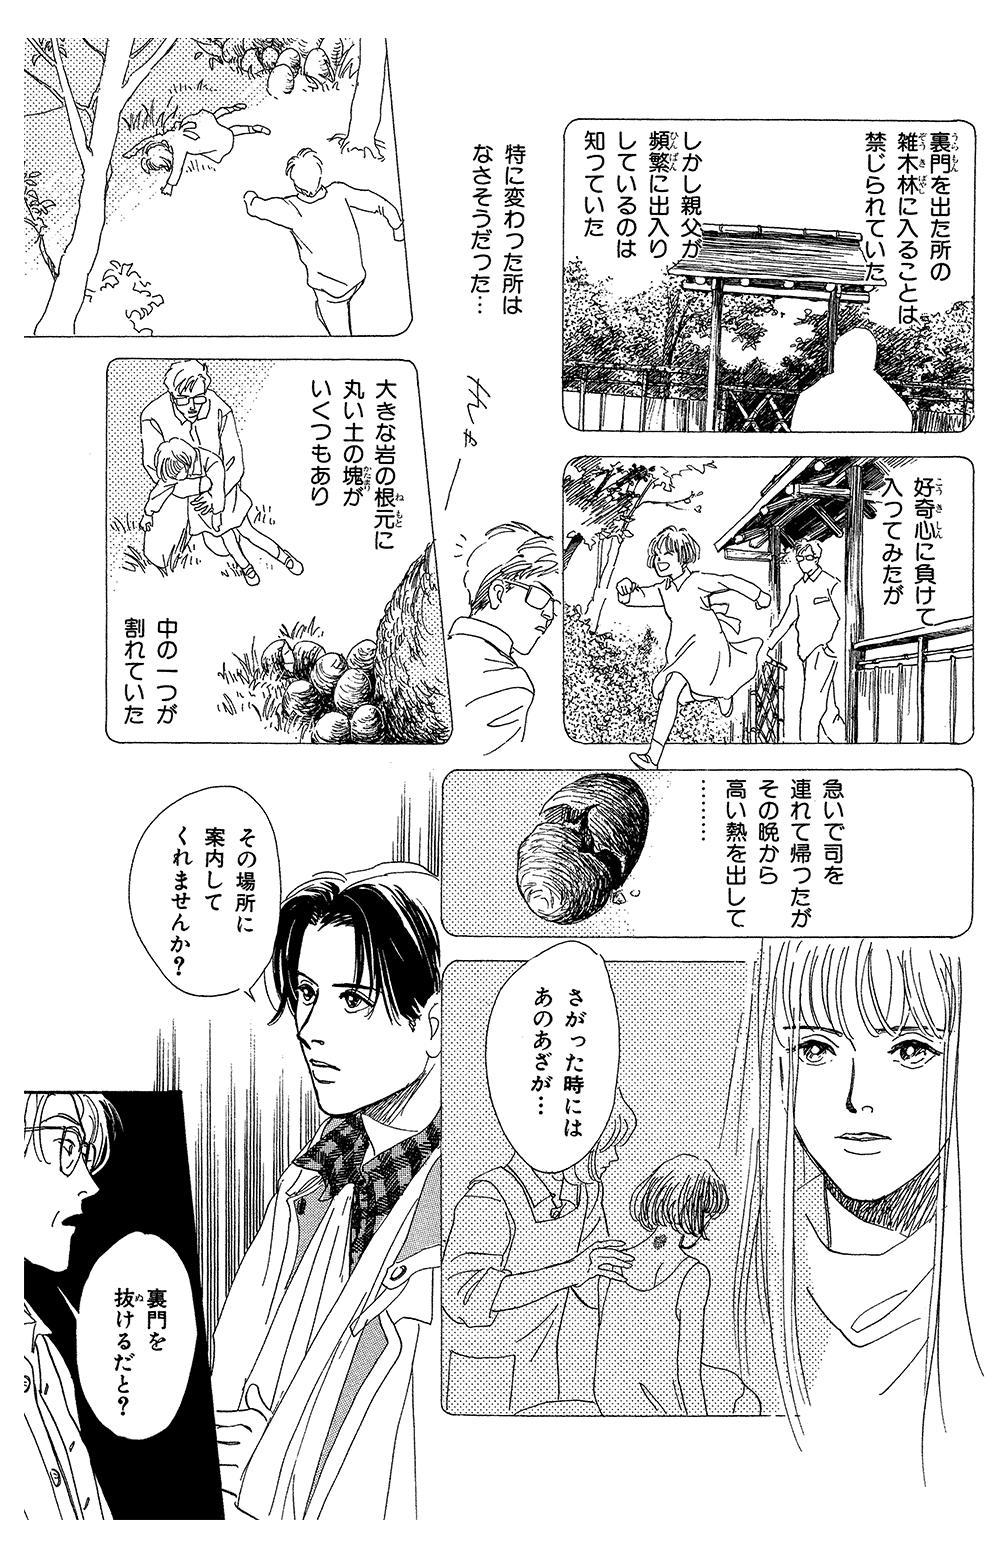 百鬼夜行抄 第1話「闇からの呼び声」④hyakki1-4-12.jpg